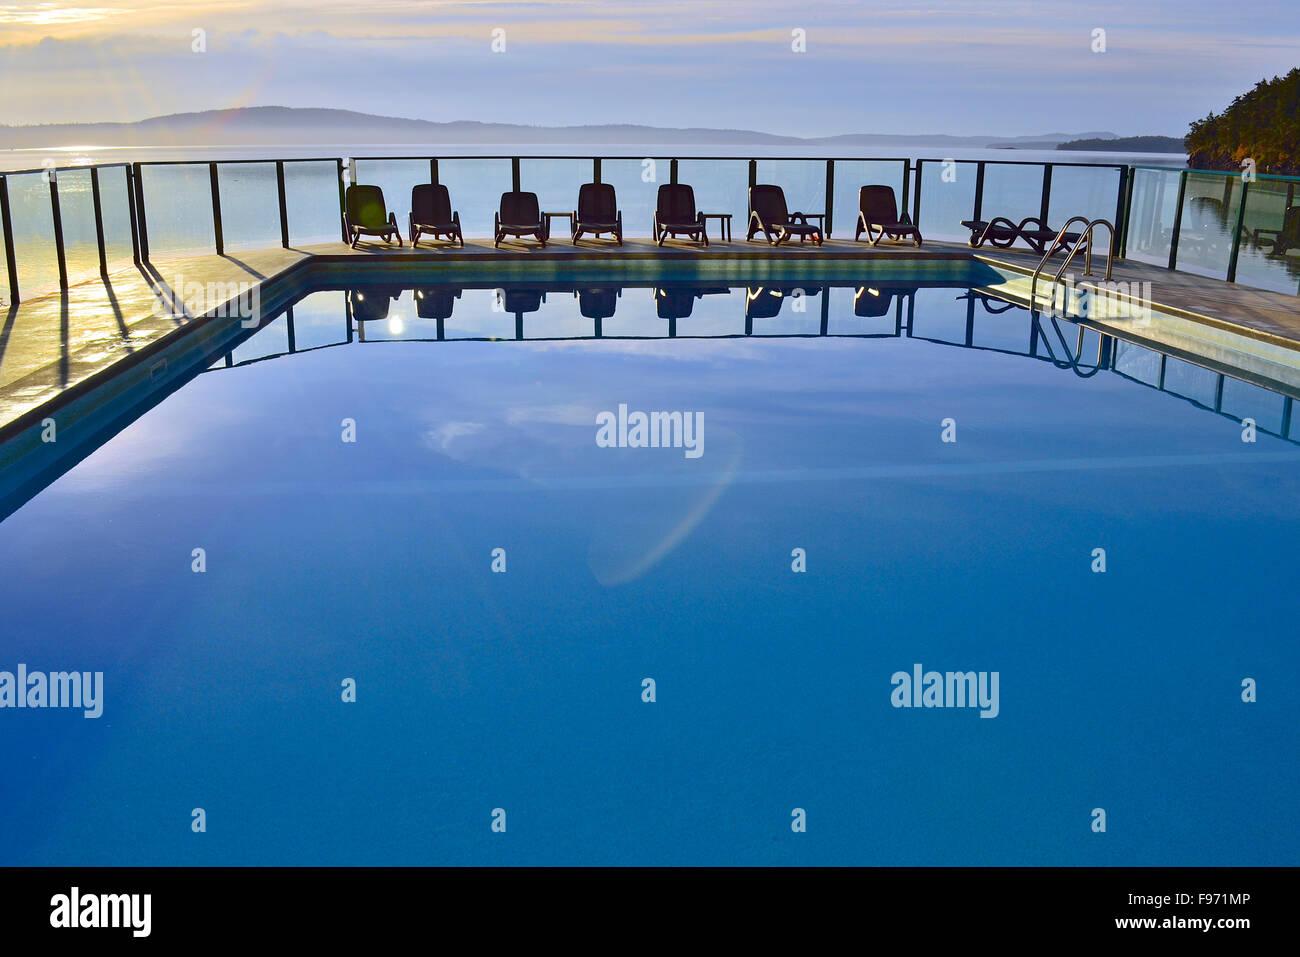 Una imagen horizontal de una piscina al aire libre con una línea de sillas en un resort de vacaciones en la Imagen De Stock